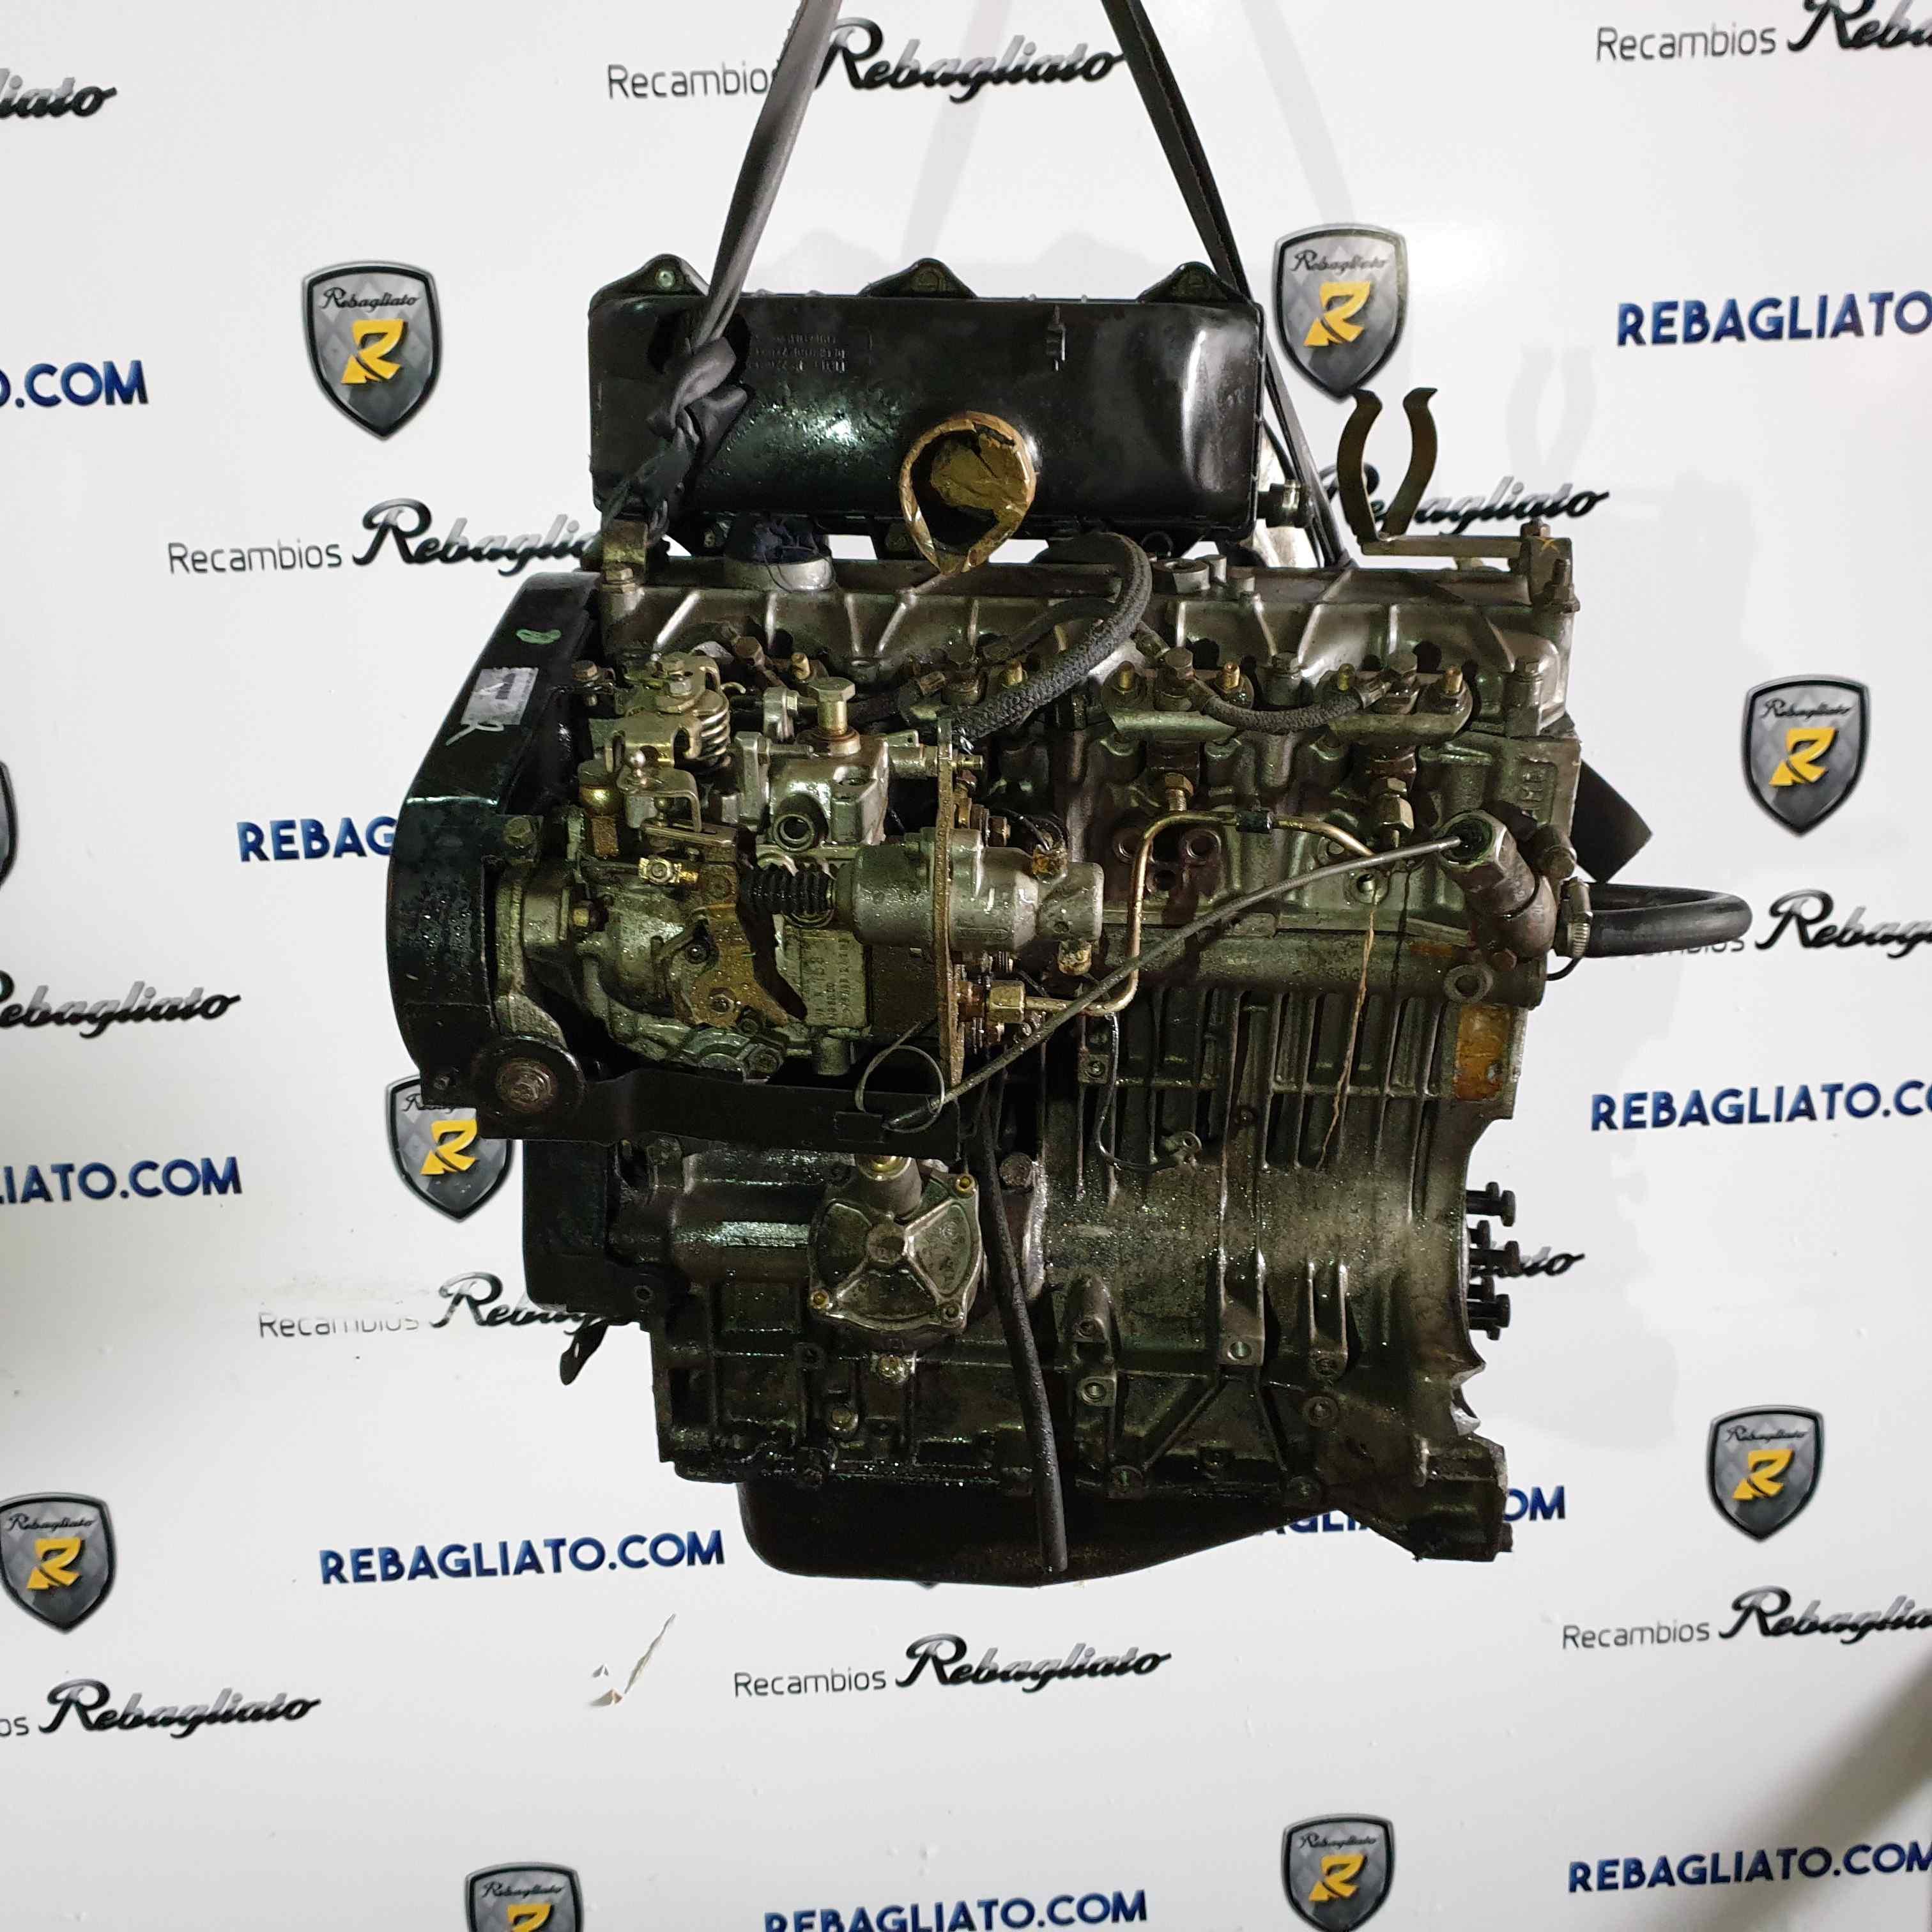 Motor completo de Renault Trafic (desde 5.89) (1989 - 2000) 2892